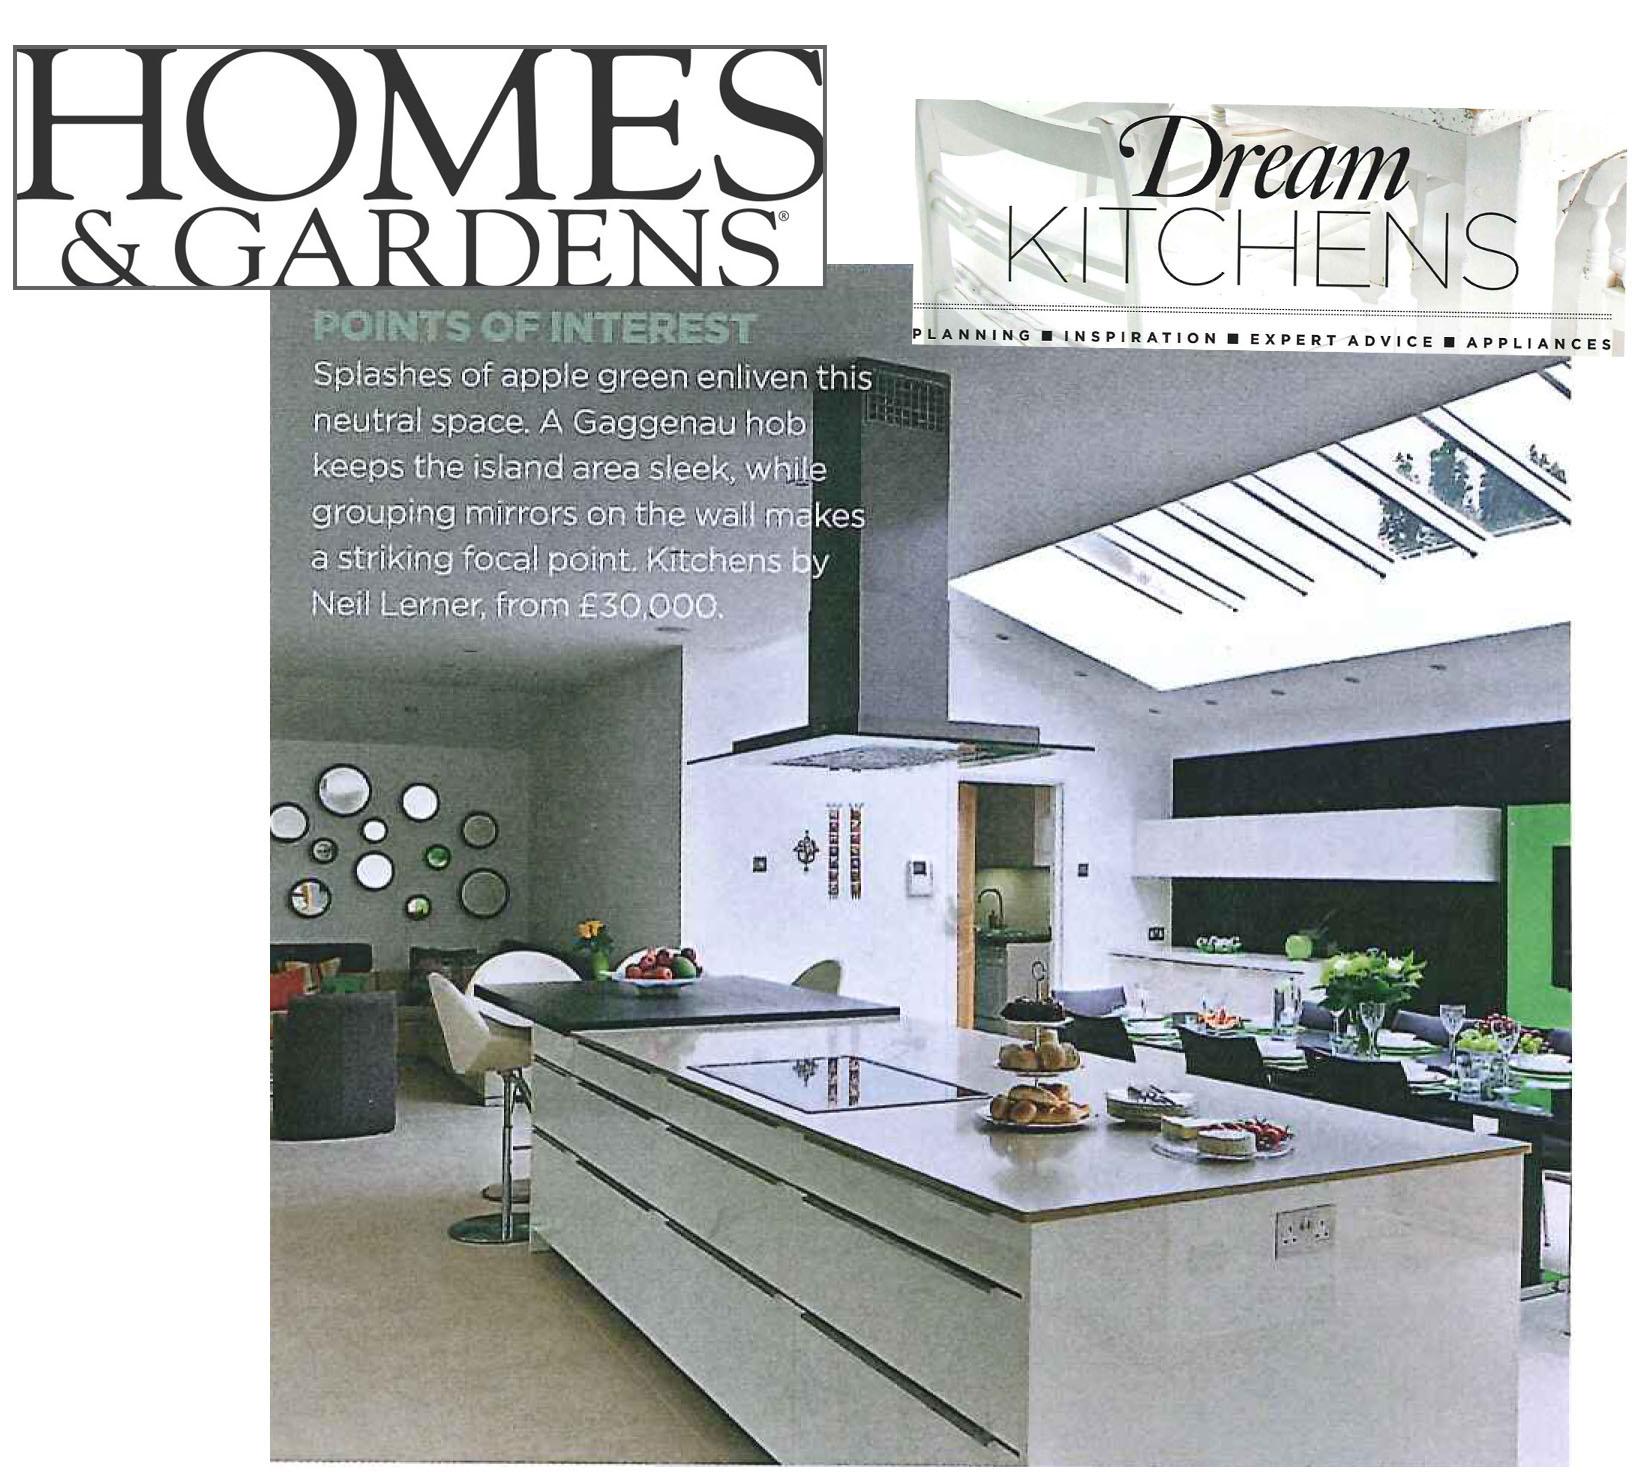 New Modern Kitchens At Neil Lerner: Neil Lerner Designs